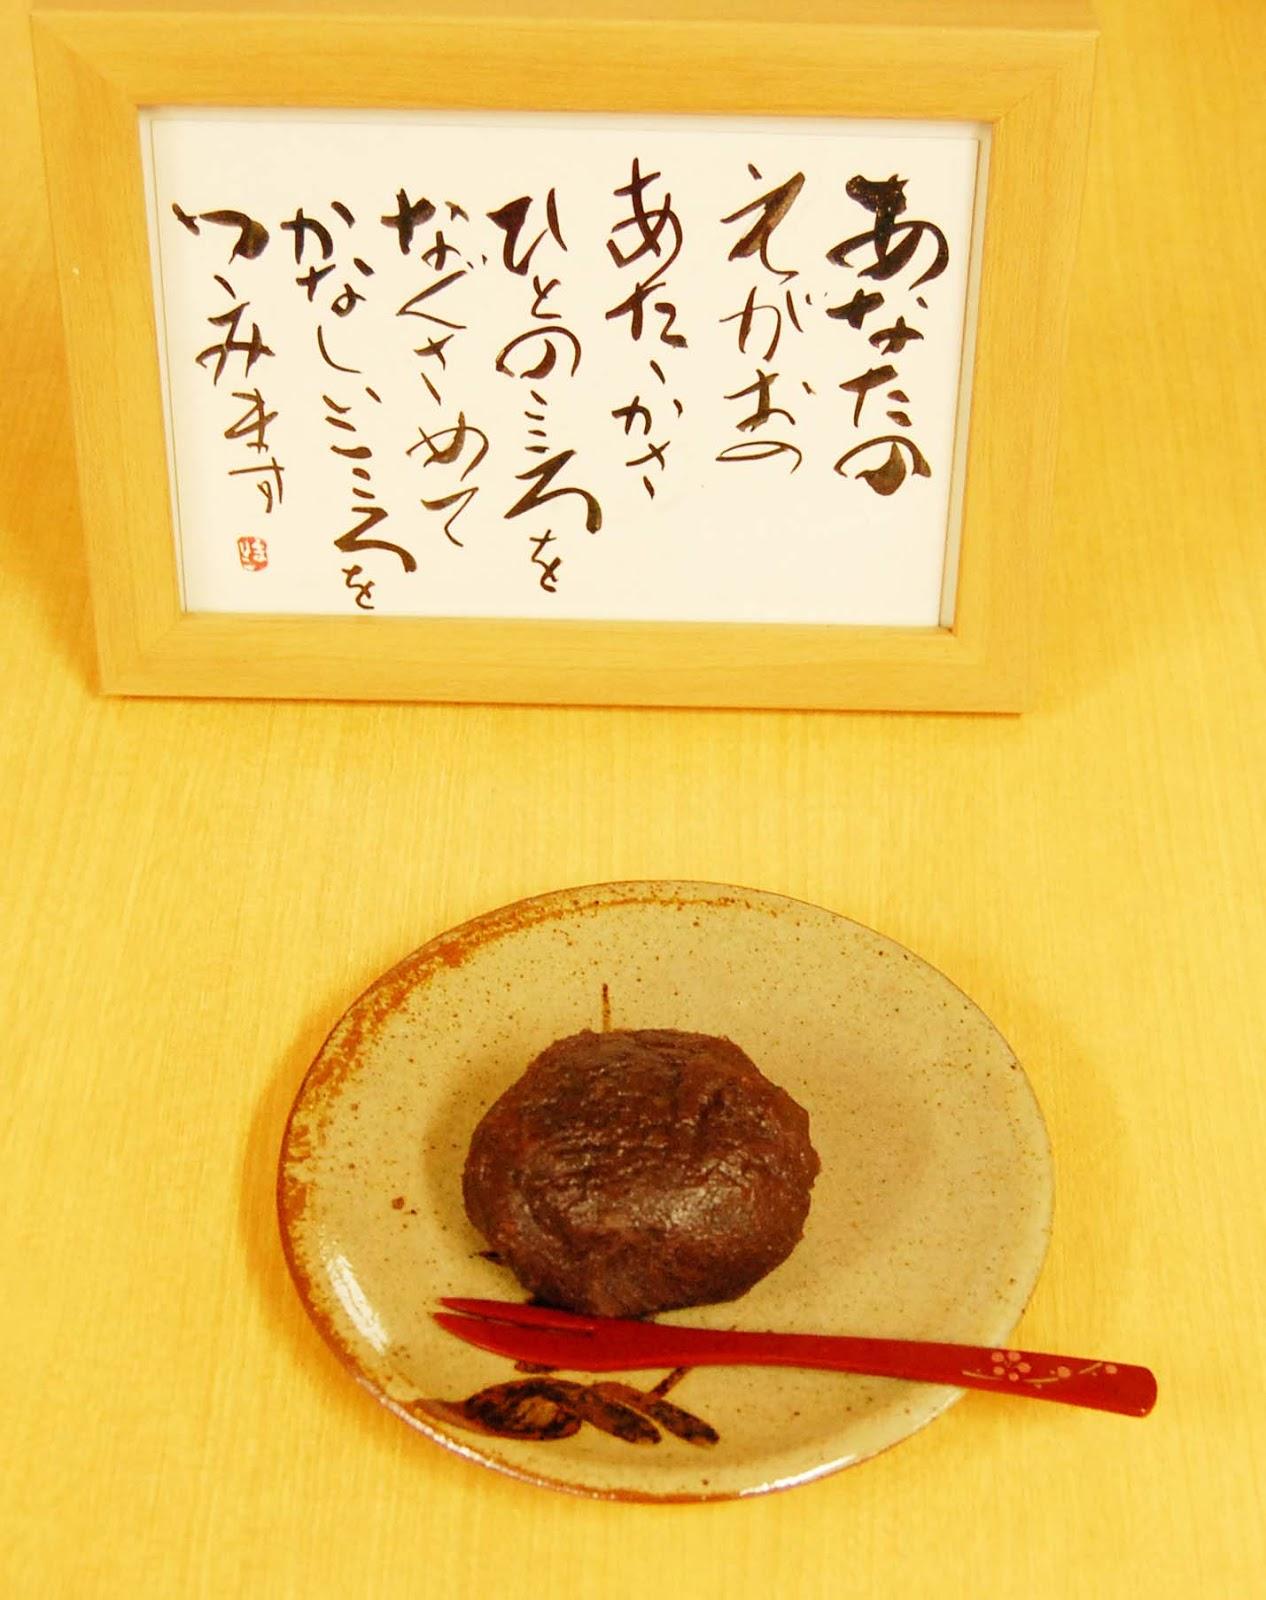 1月の行事食レシピ - recipe.bioweather.net